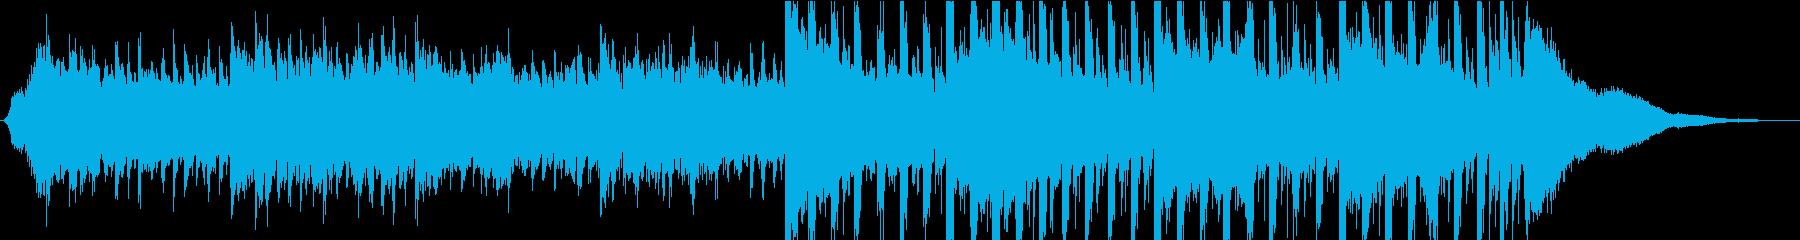 ポップ テクノ ドラマチック 感情...の再生済みの波形